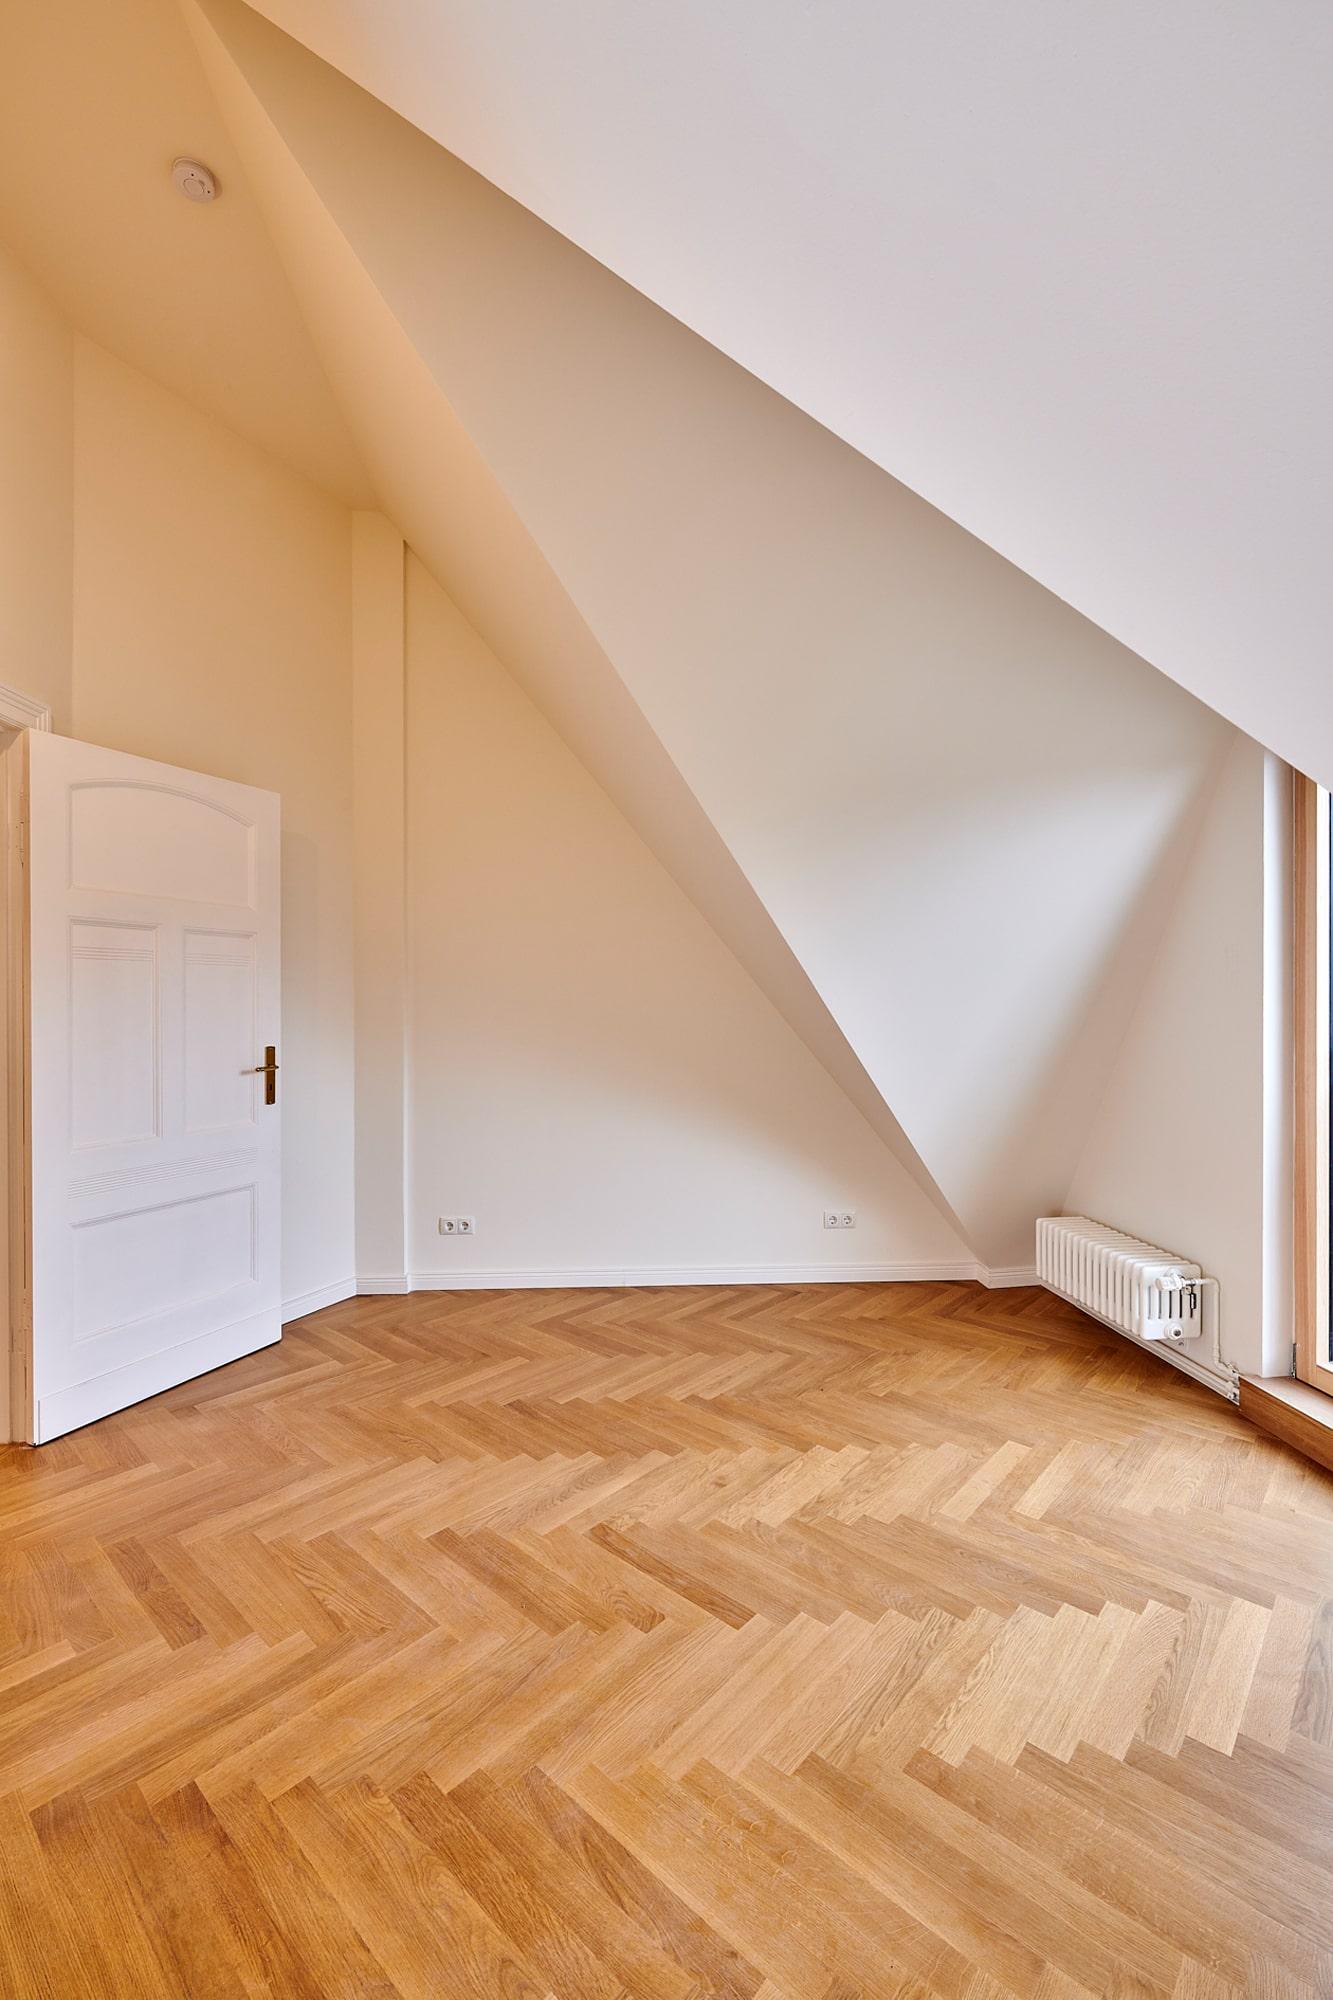 Gabriele Riesner, Architektin, Berlin, Dachgeschossausbau eines Mietshauses in Berlin-Steglitz, Frontspießzimmer 2